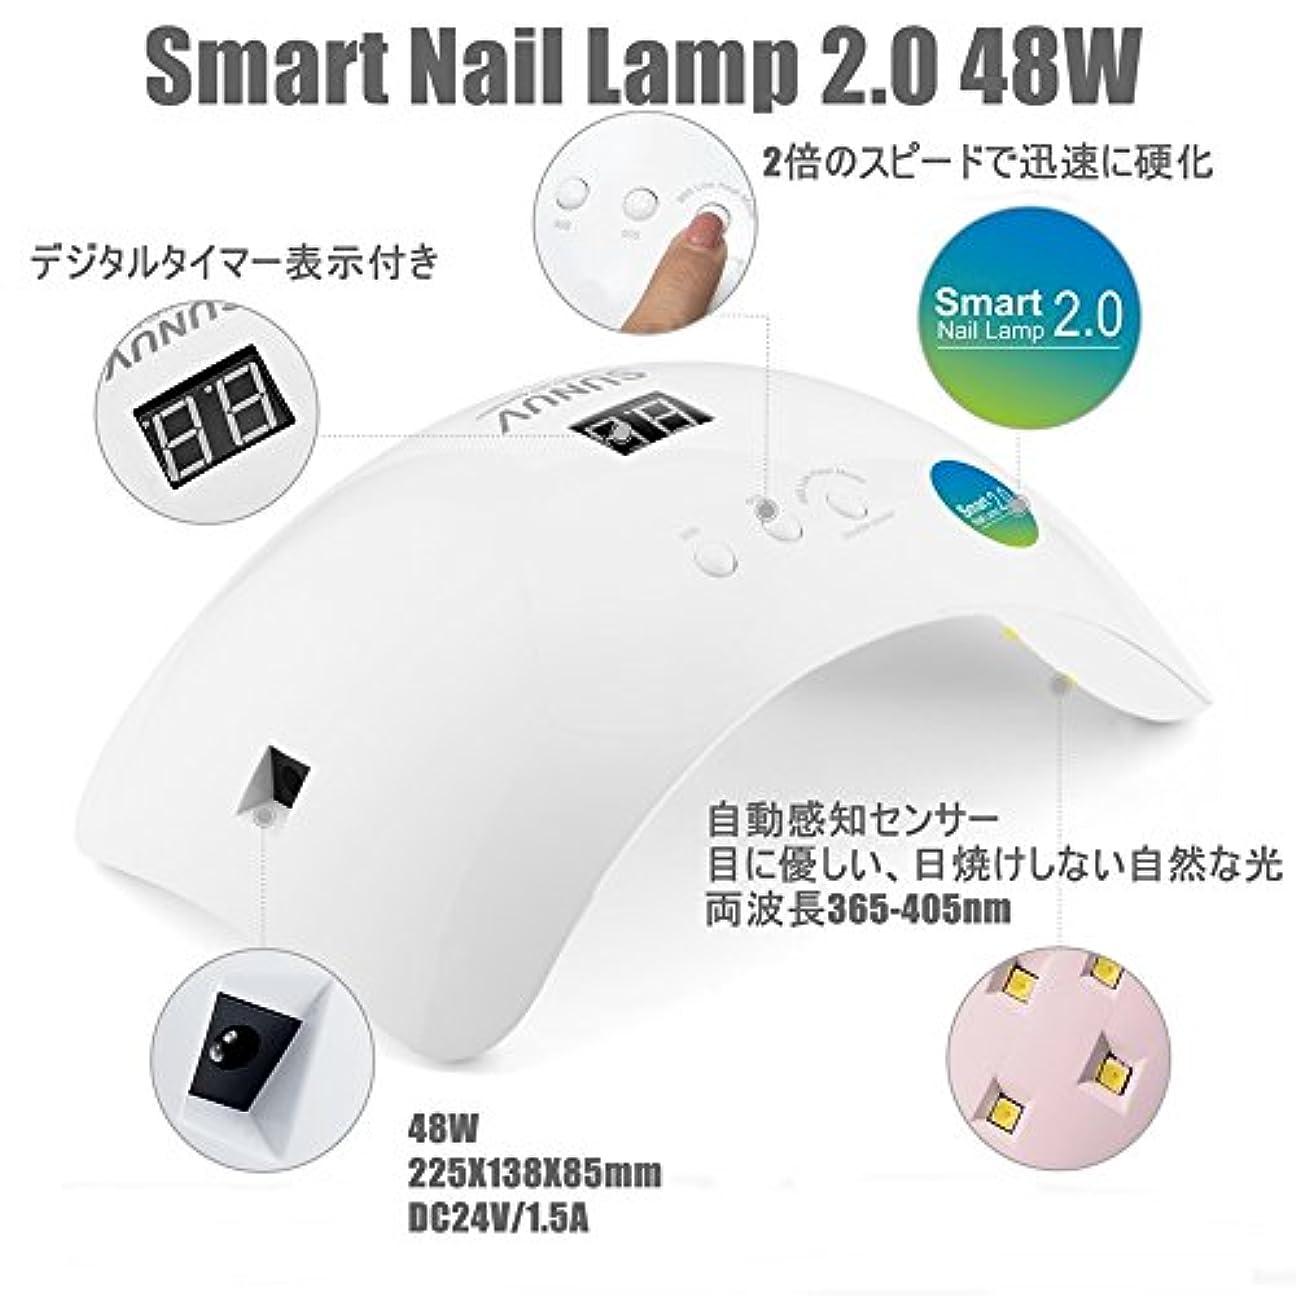 億オンスしばしば【最新型】【国内6ヶ月保証】Smart Nail Lamp 2.0 48W【ジェルネイルレジン用ライト】